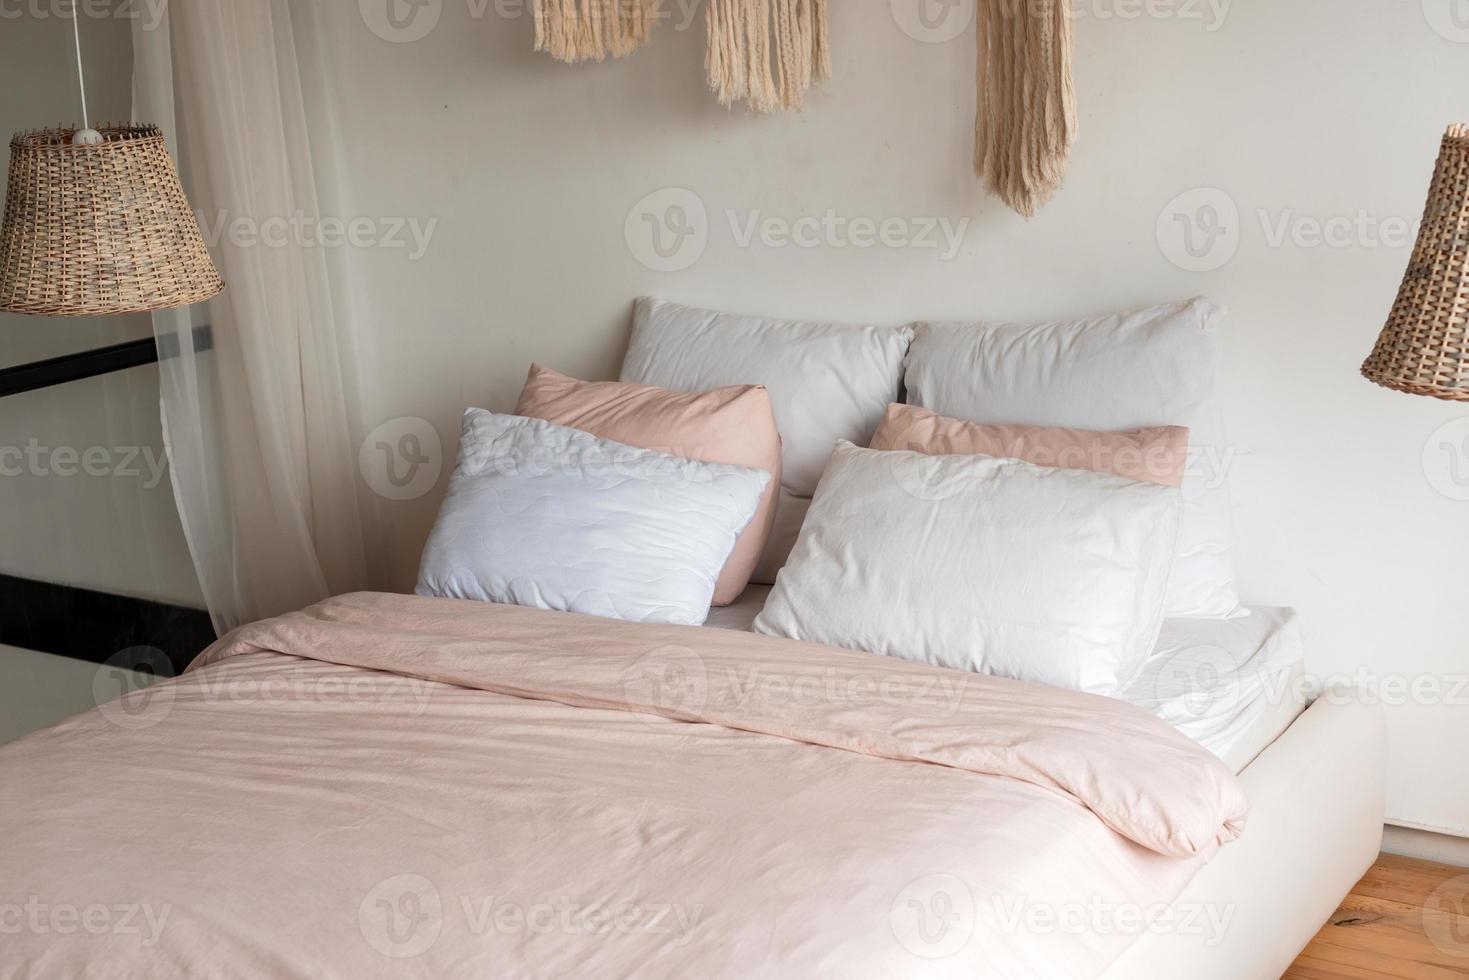 linda cama com lindo linho macio foto